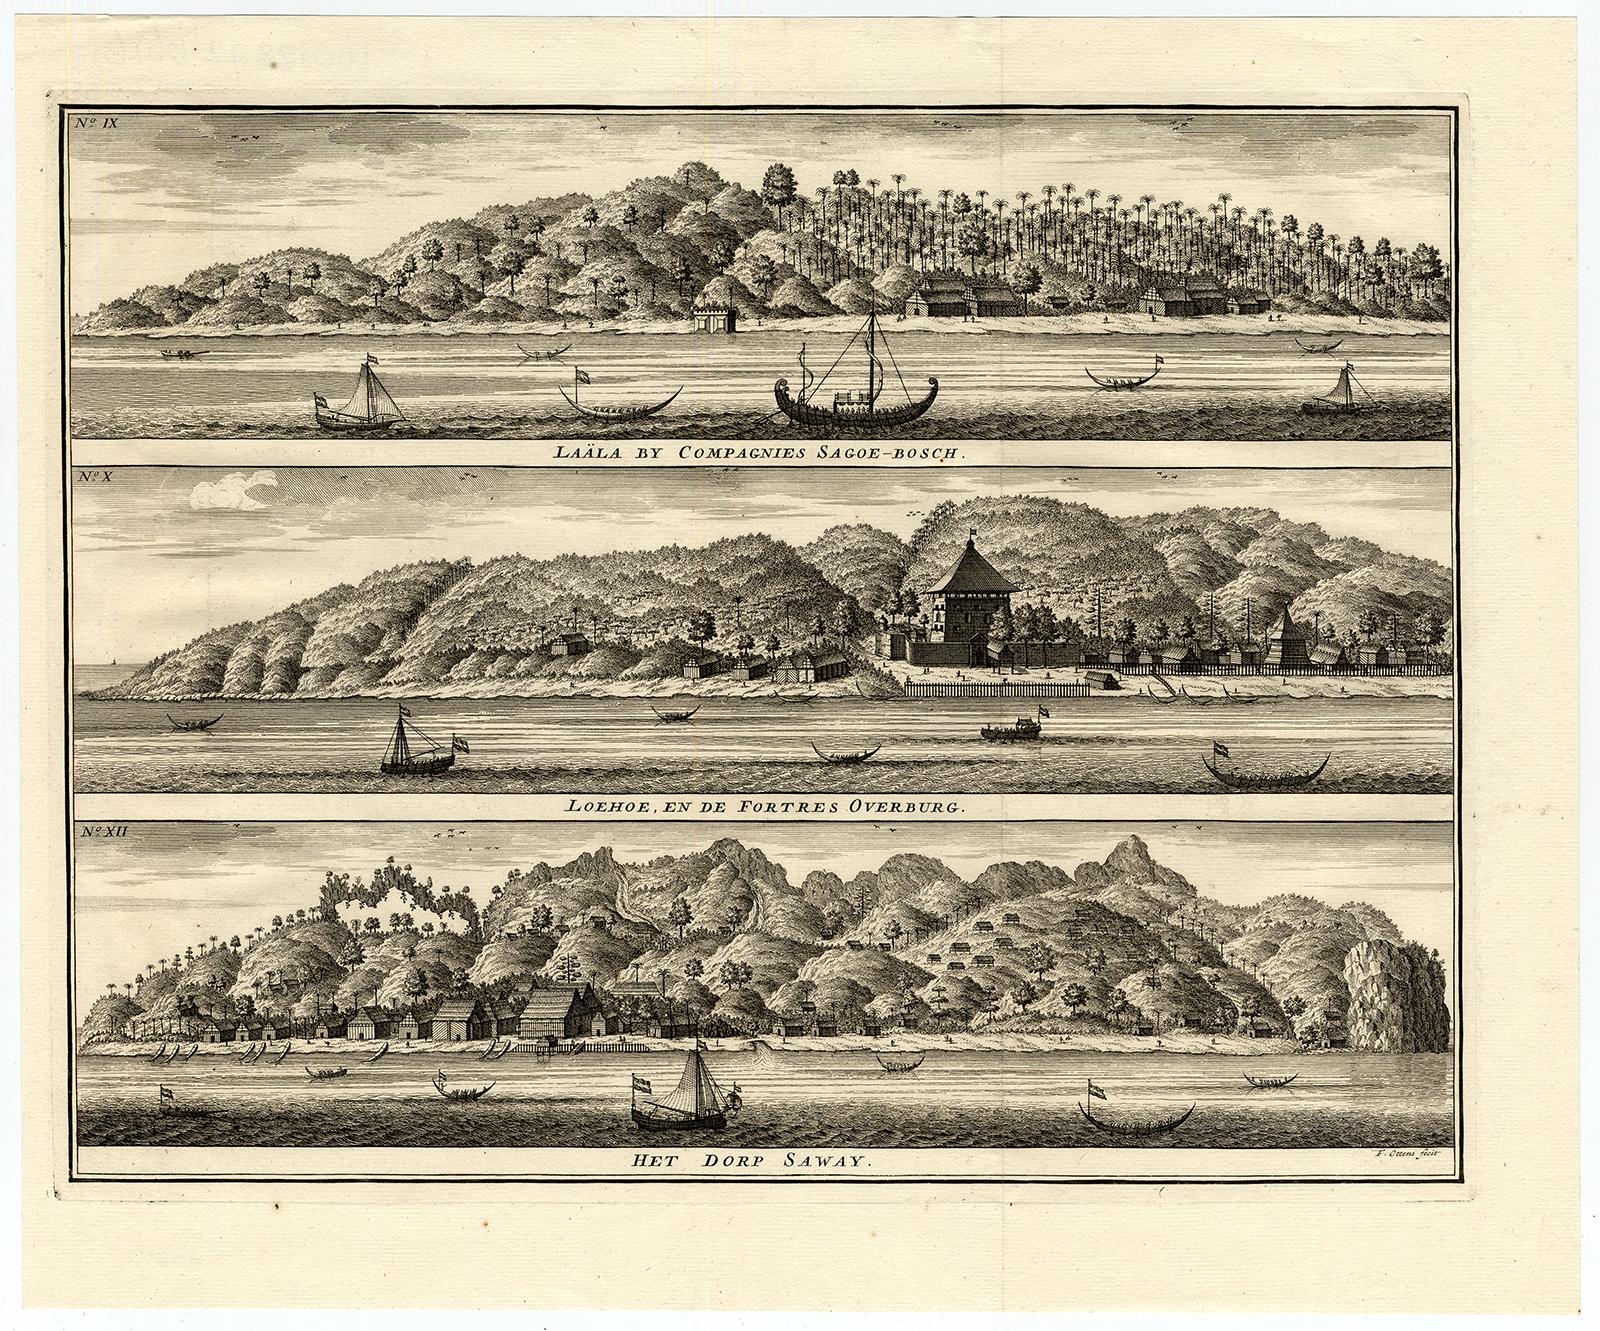 Laala by Compagnies Sagoe-Bosch, Loehoe en de Fortres Overburg, het dorp Saway - Valentijn (1726)